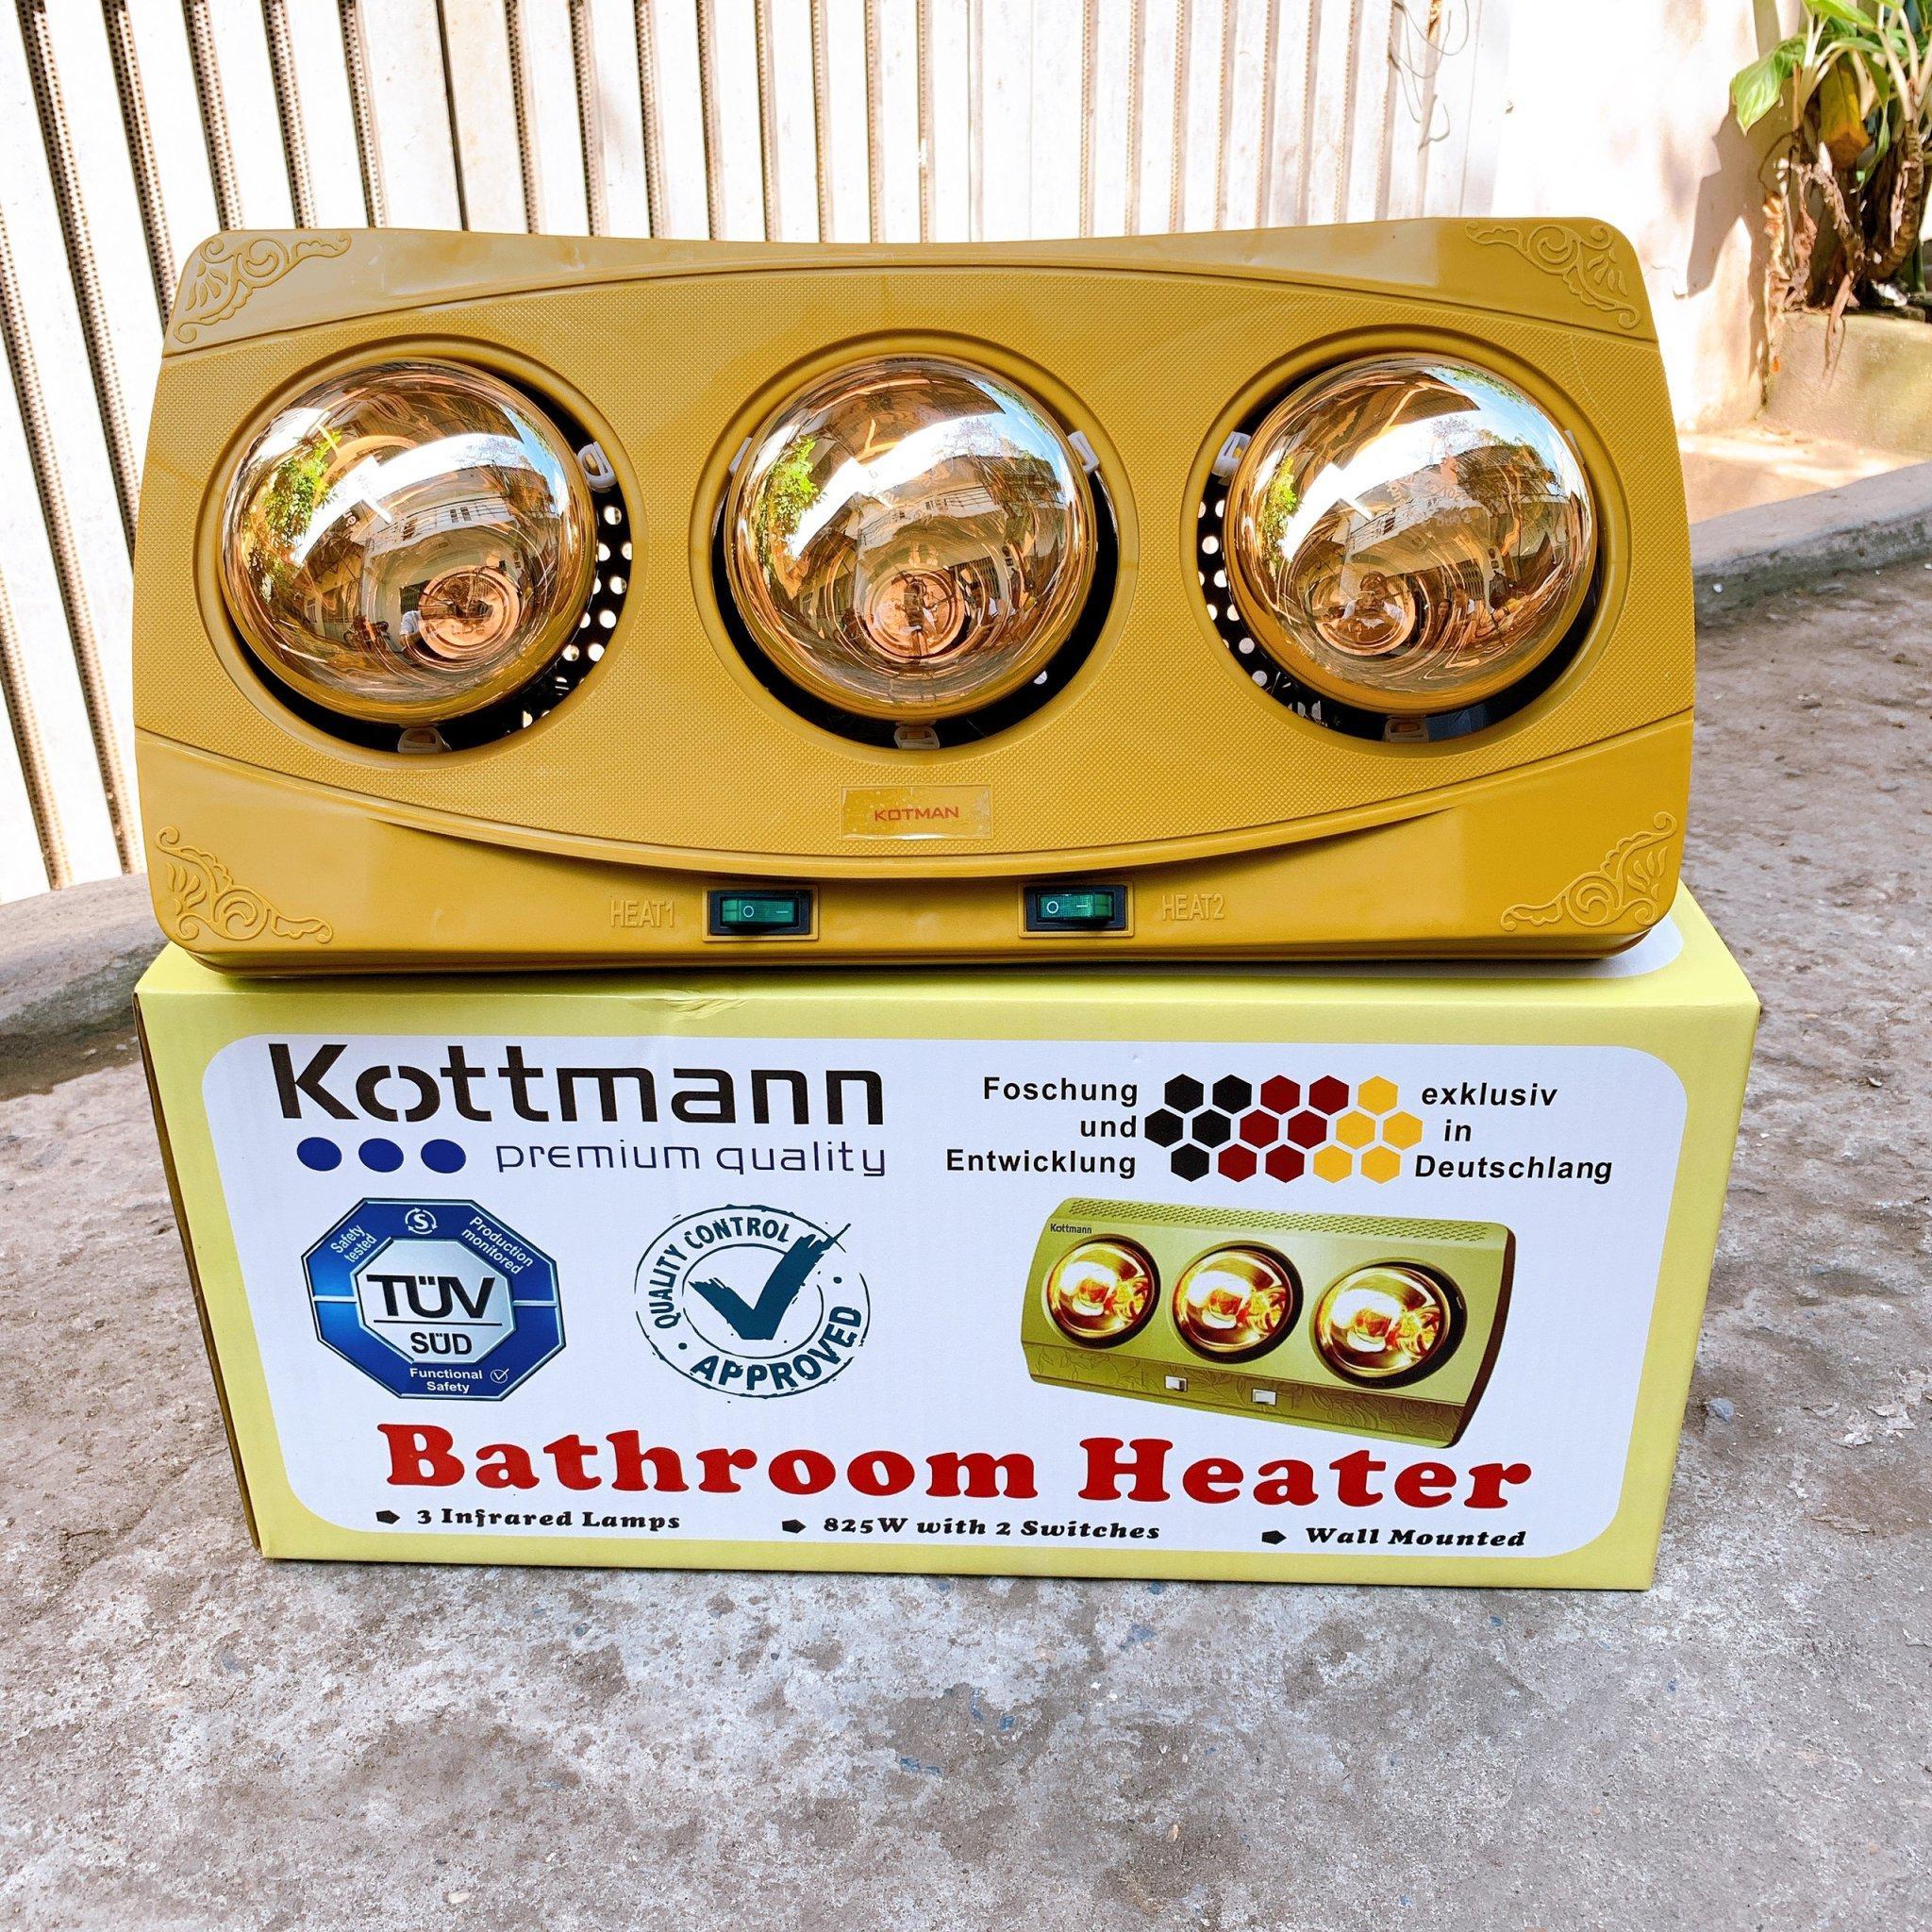 Đèn Sưởi Nhà Tắm 3 Bóng Kottman, Đèn Sưởi Treo Tường Cho Bé, Đèn Sưởi 3 Bóng Kottman Giữ Ấm Cho Mùa Đông